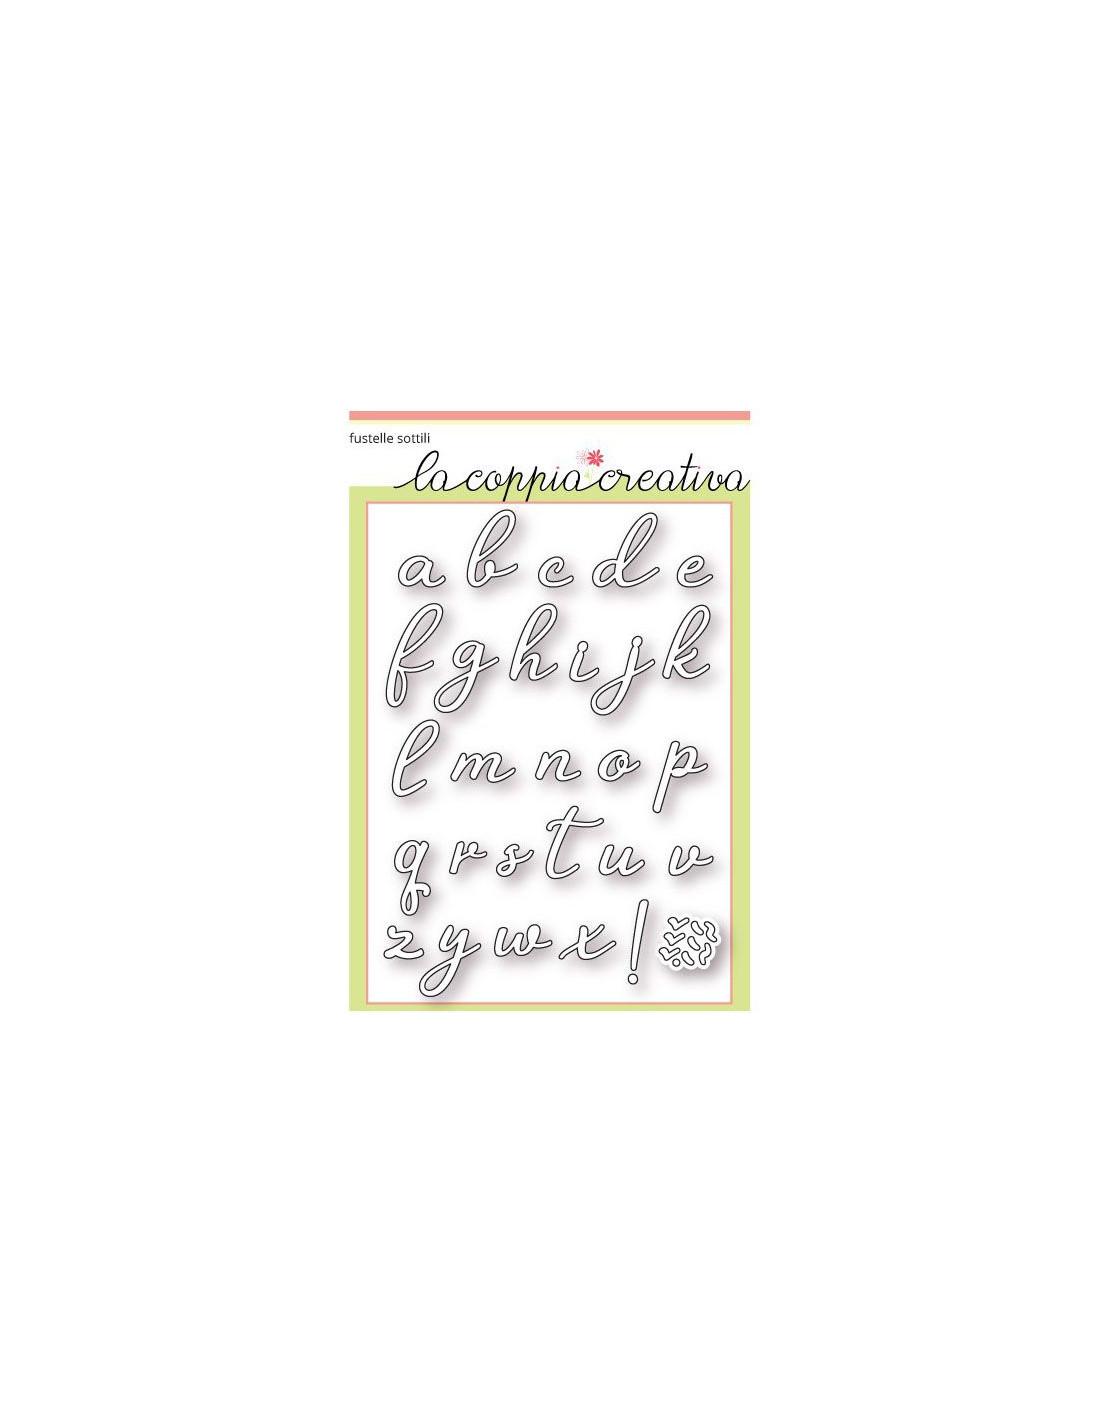 Lettere Alfabeto Corsivo Minuscolo: Fustella Coppia Creativa Alfabeto Corsivo Minuscolo F37